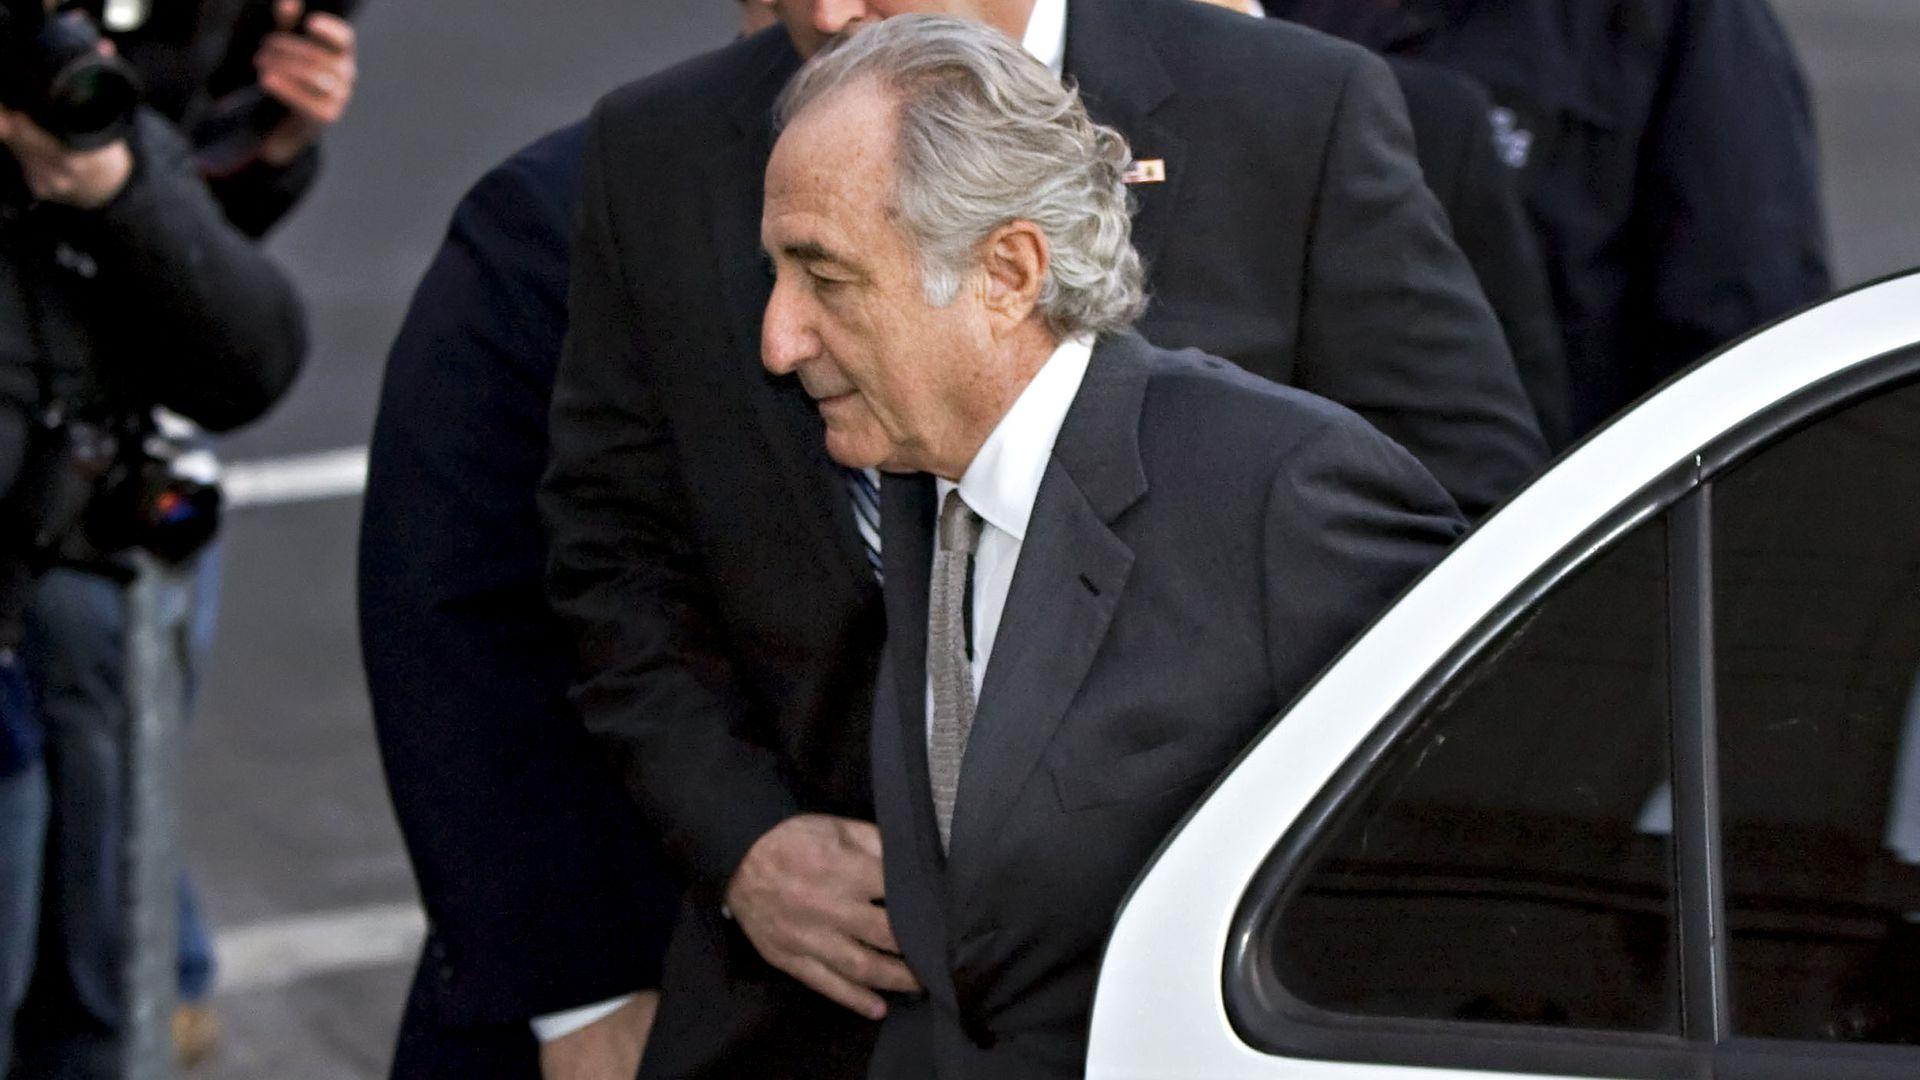 Bernie Madoff a murit în închisoare la 82 de ani. El a orchestrat cea mai mare fraudă din istoria SUA